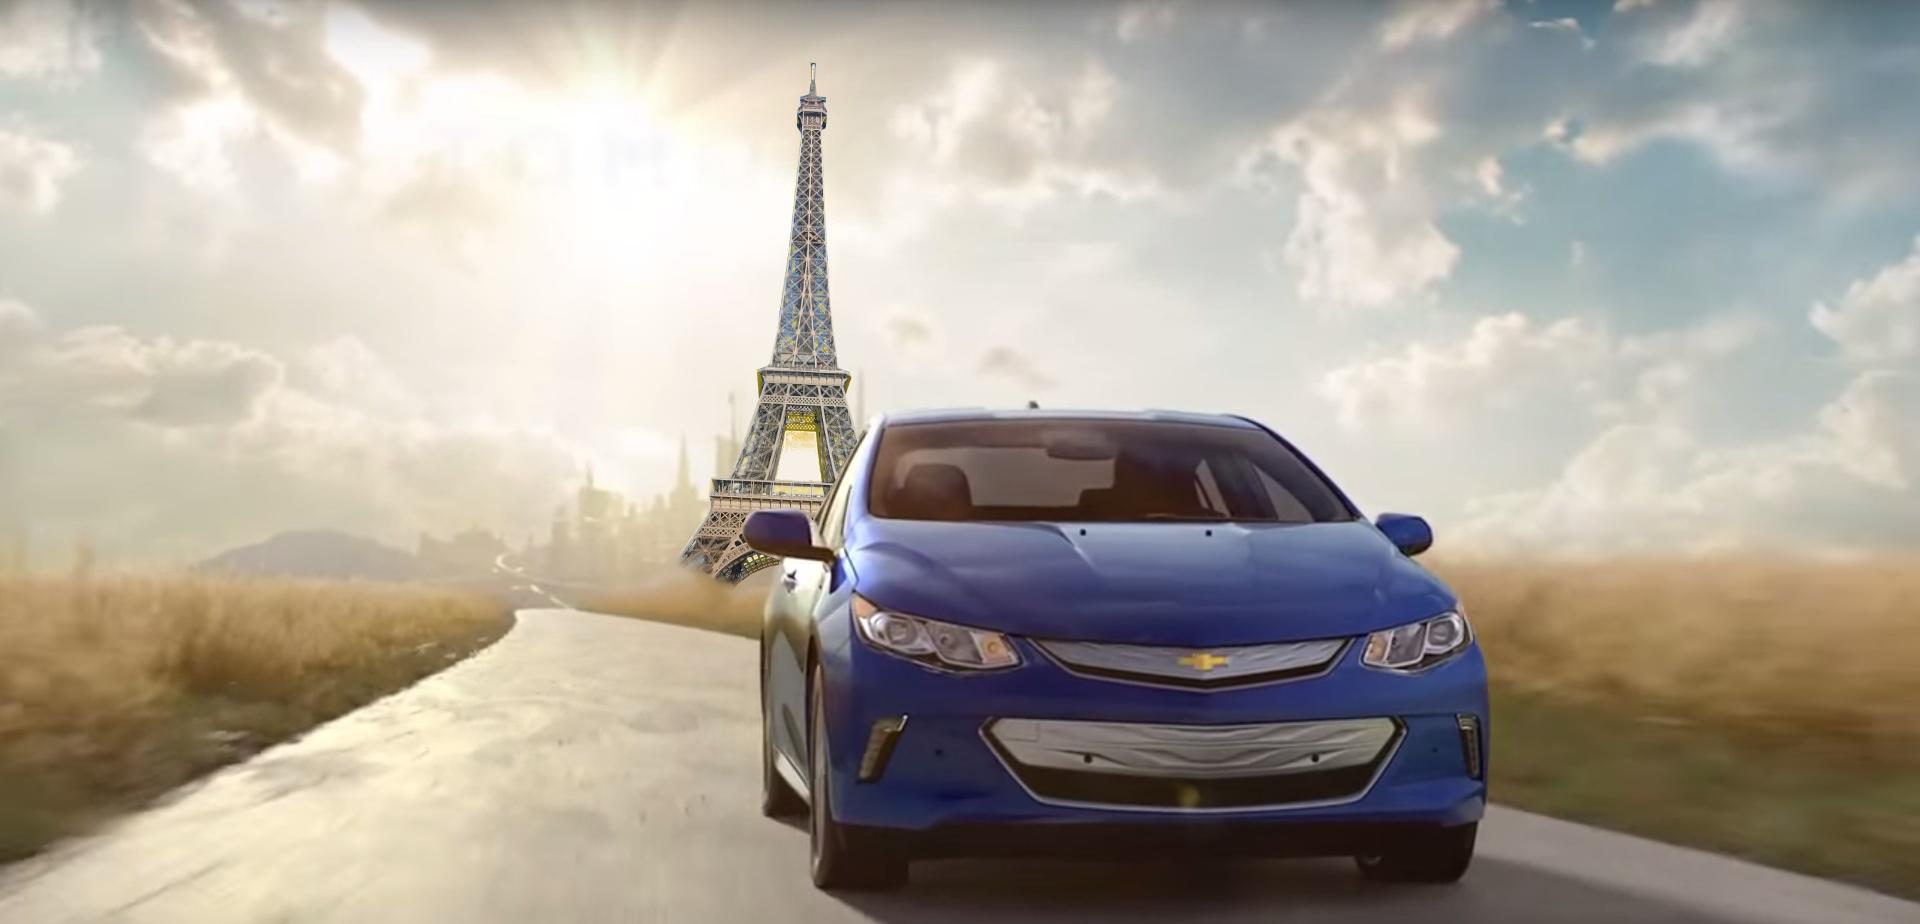 Chevrolet Volt 2 Tour Eiffel